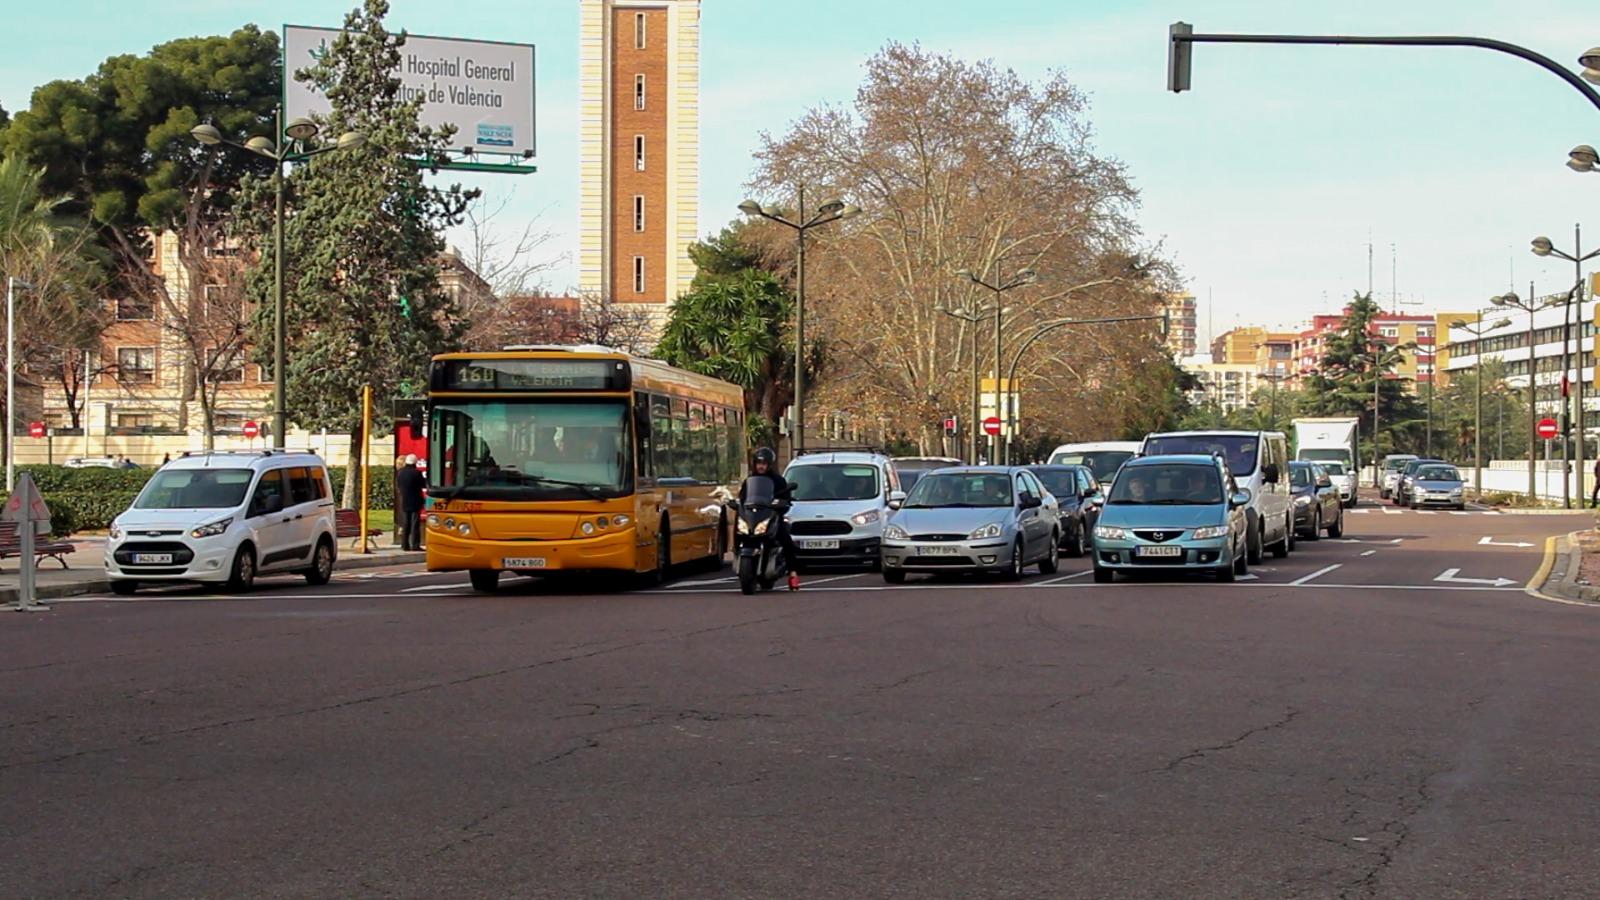 El Consell adapta el transporte de personas por carretera a la fase 2 de la desescalada y mantiene el servicio con la máxima seguridad